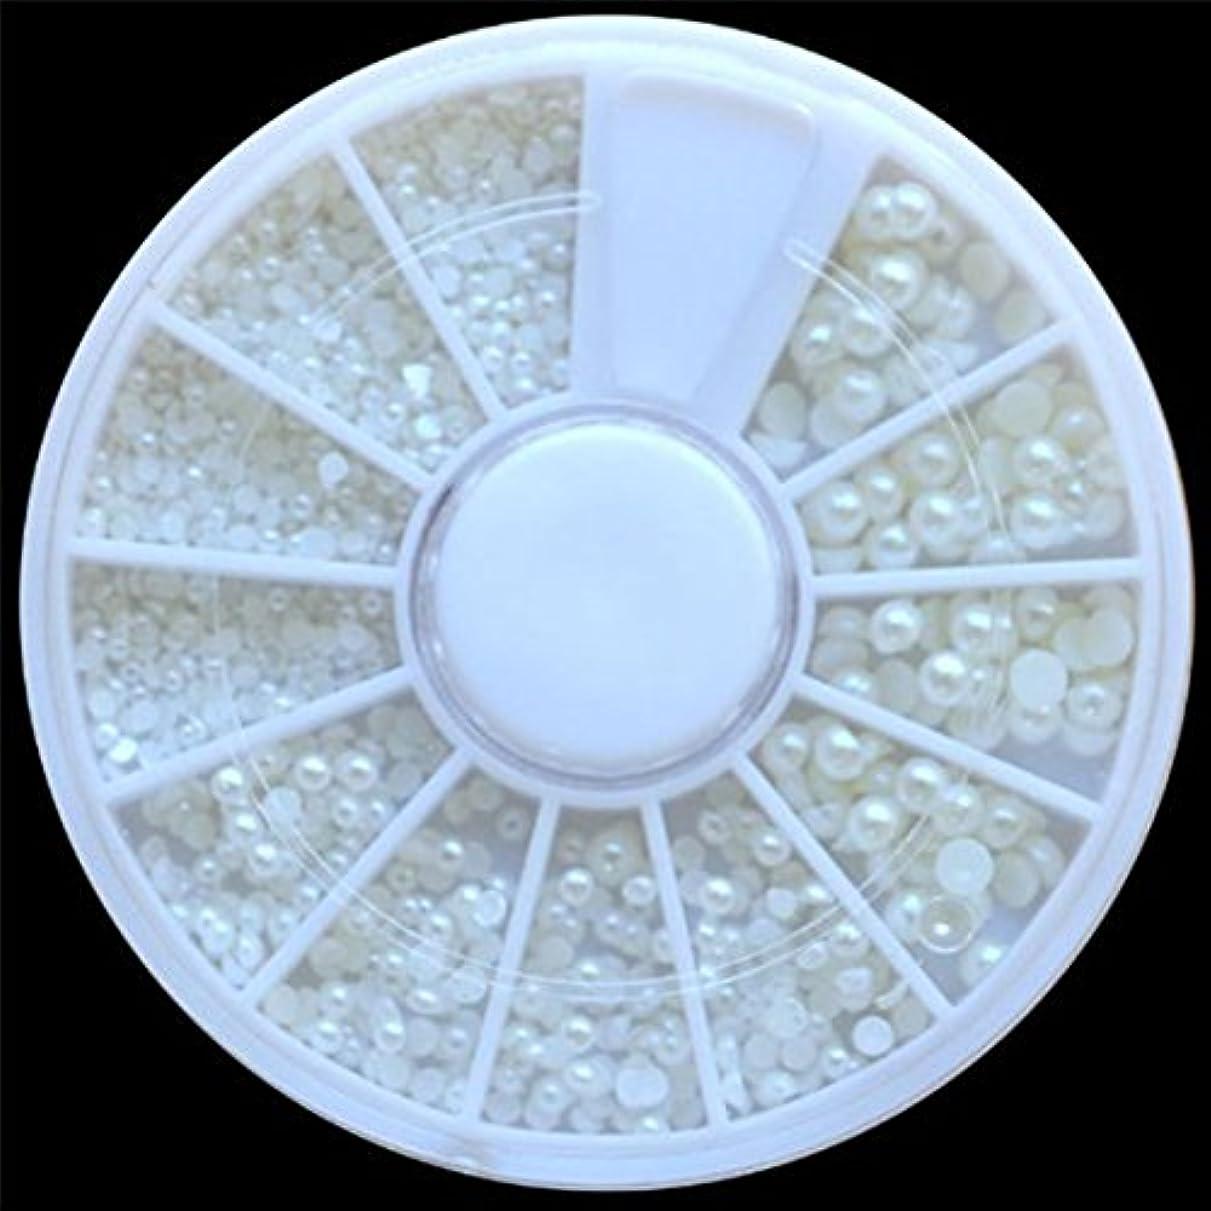 苦情文句休日に除外するSODIAL(R) ホワイトパールネイルアートストーン異なるサイズのホイールラインストーンビーズ - リテールパッケージ